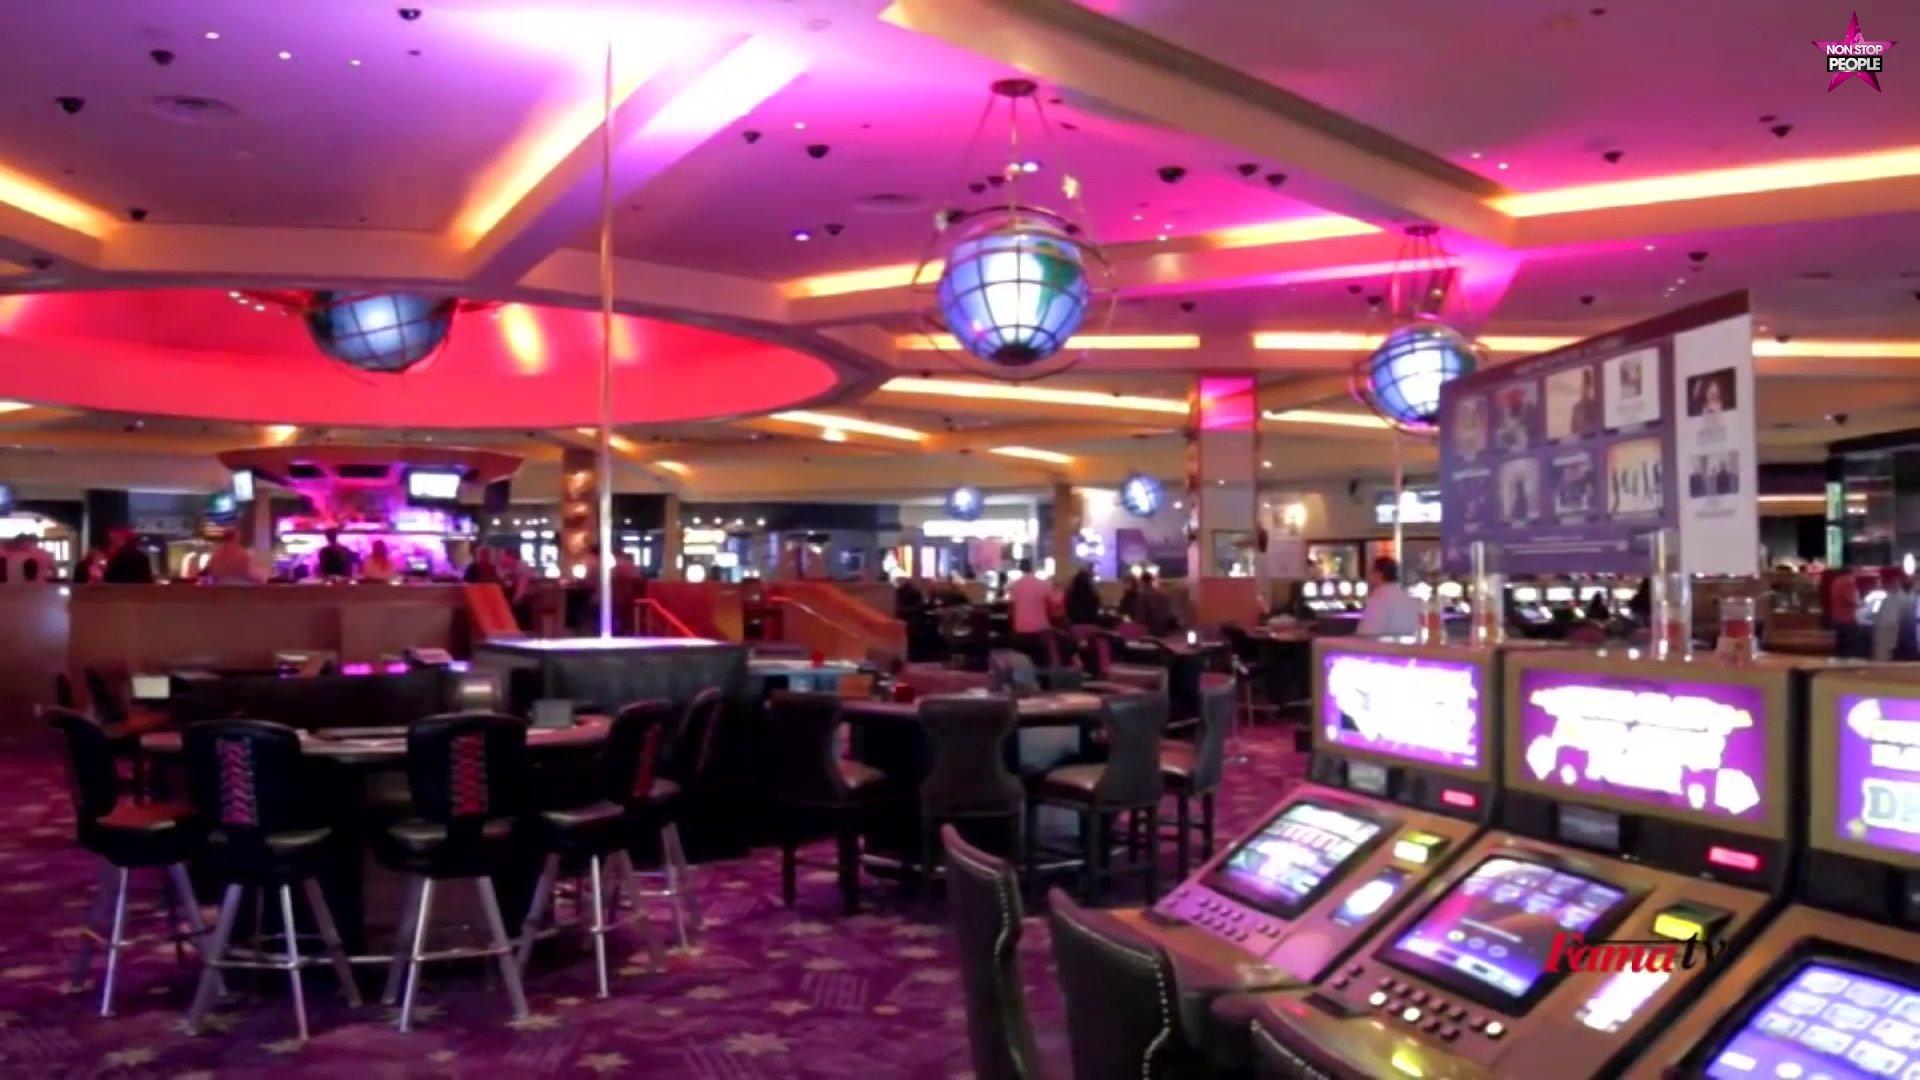 Jeux casino : tous les avantages à jouer en ligne